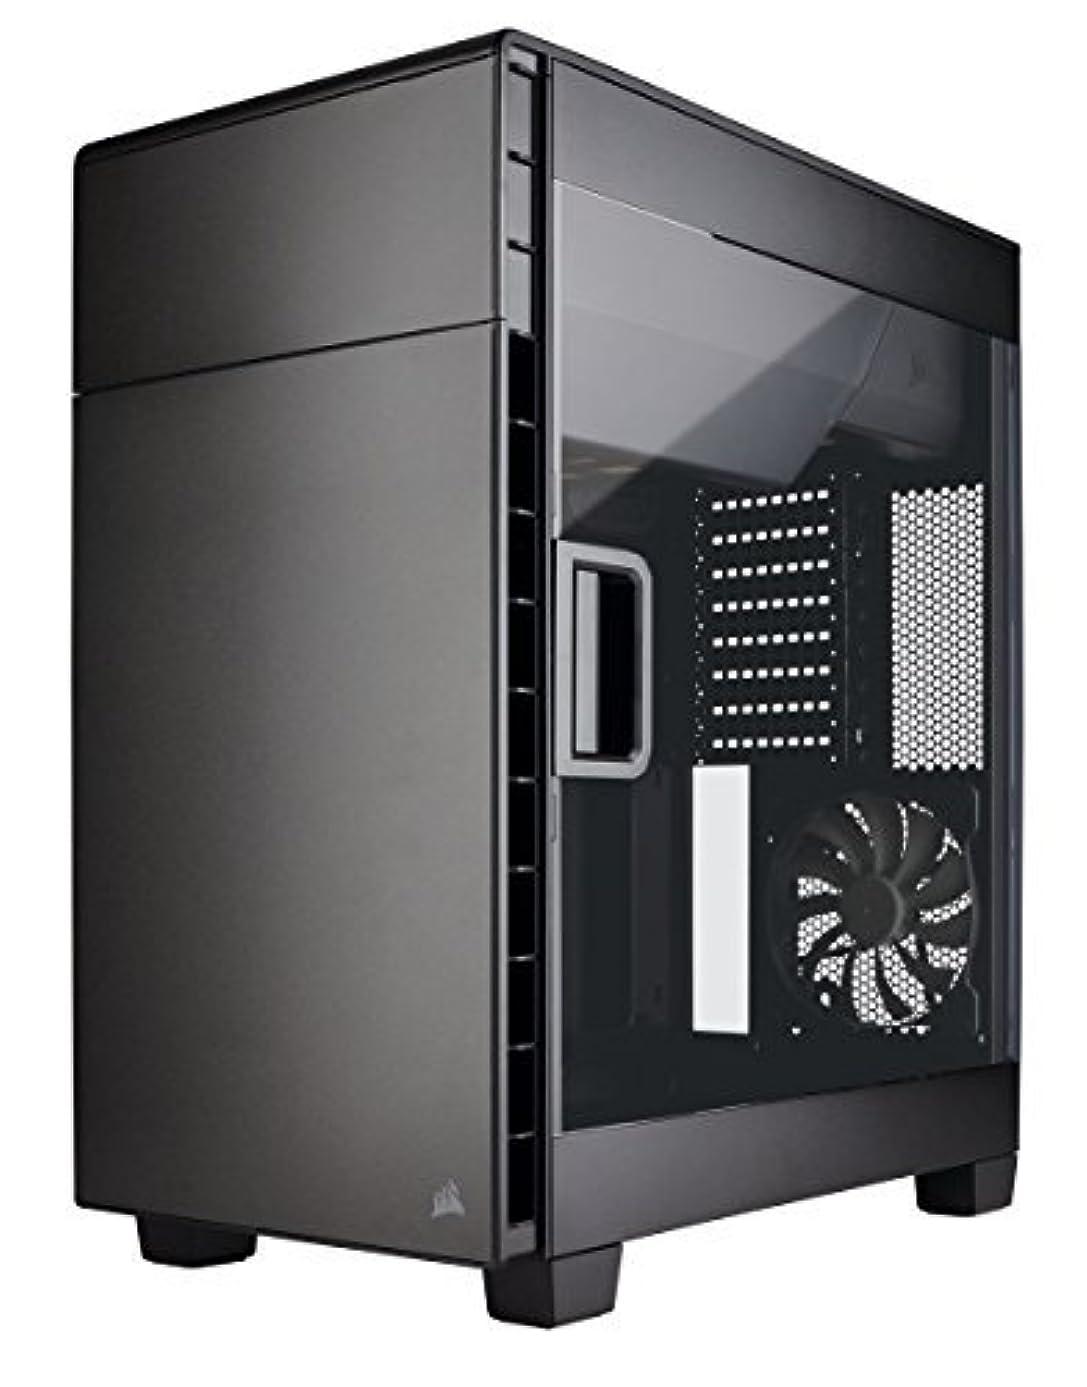 切り離すしょっぱい肌寒いCorsair Carbide Clear 600C Inverse ATX Full Tower Case [並行輸入品]